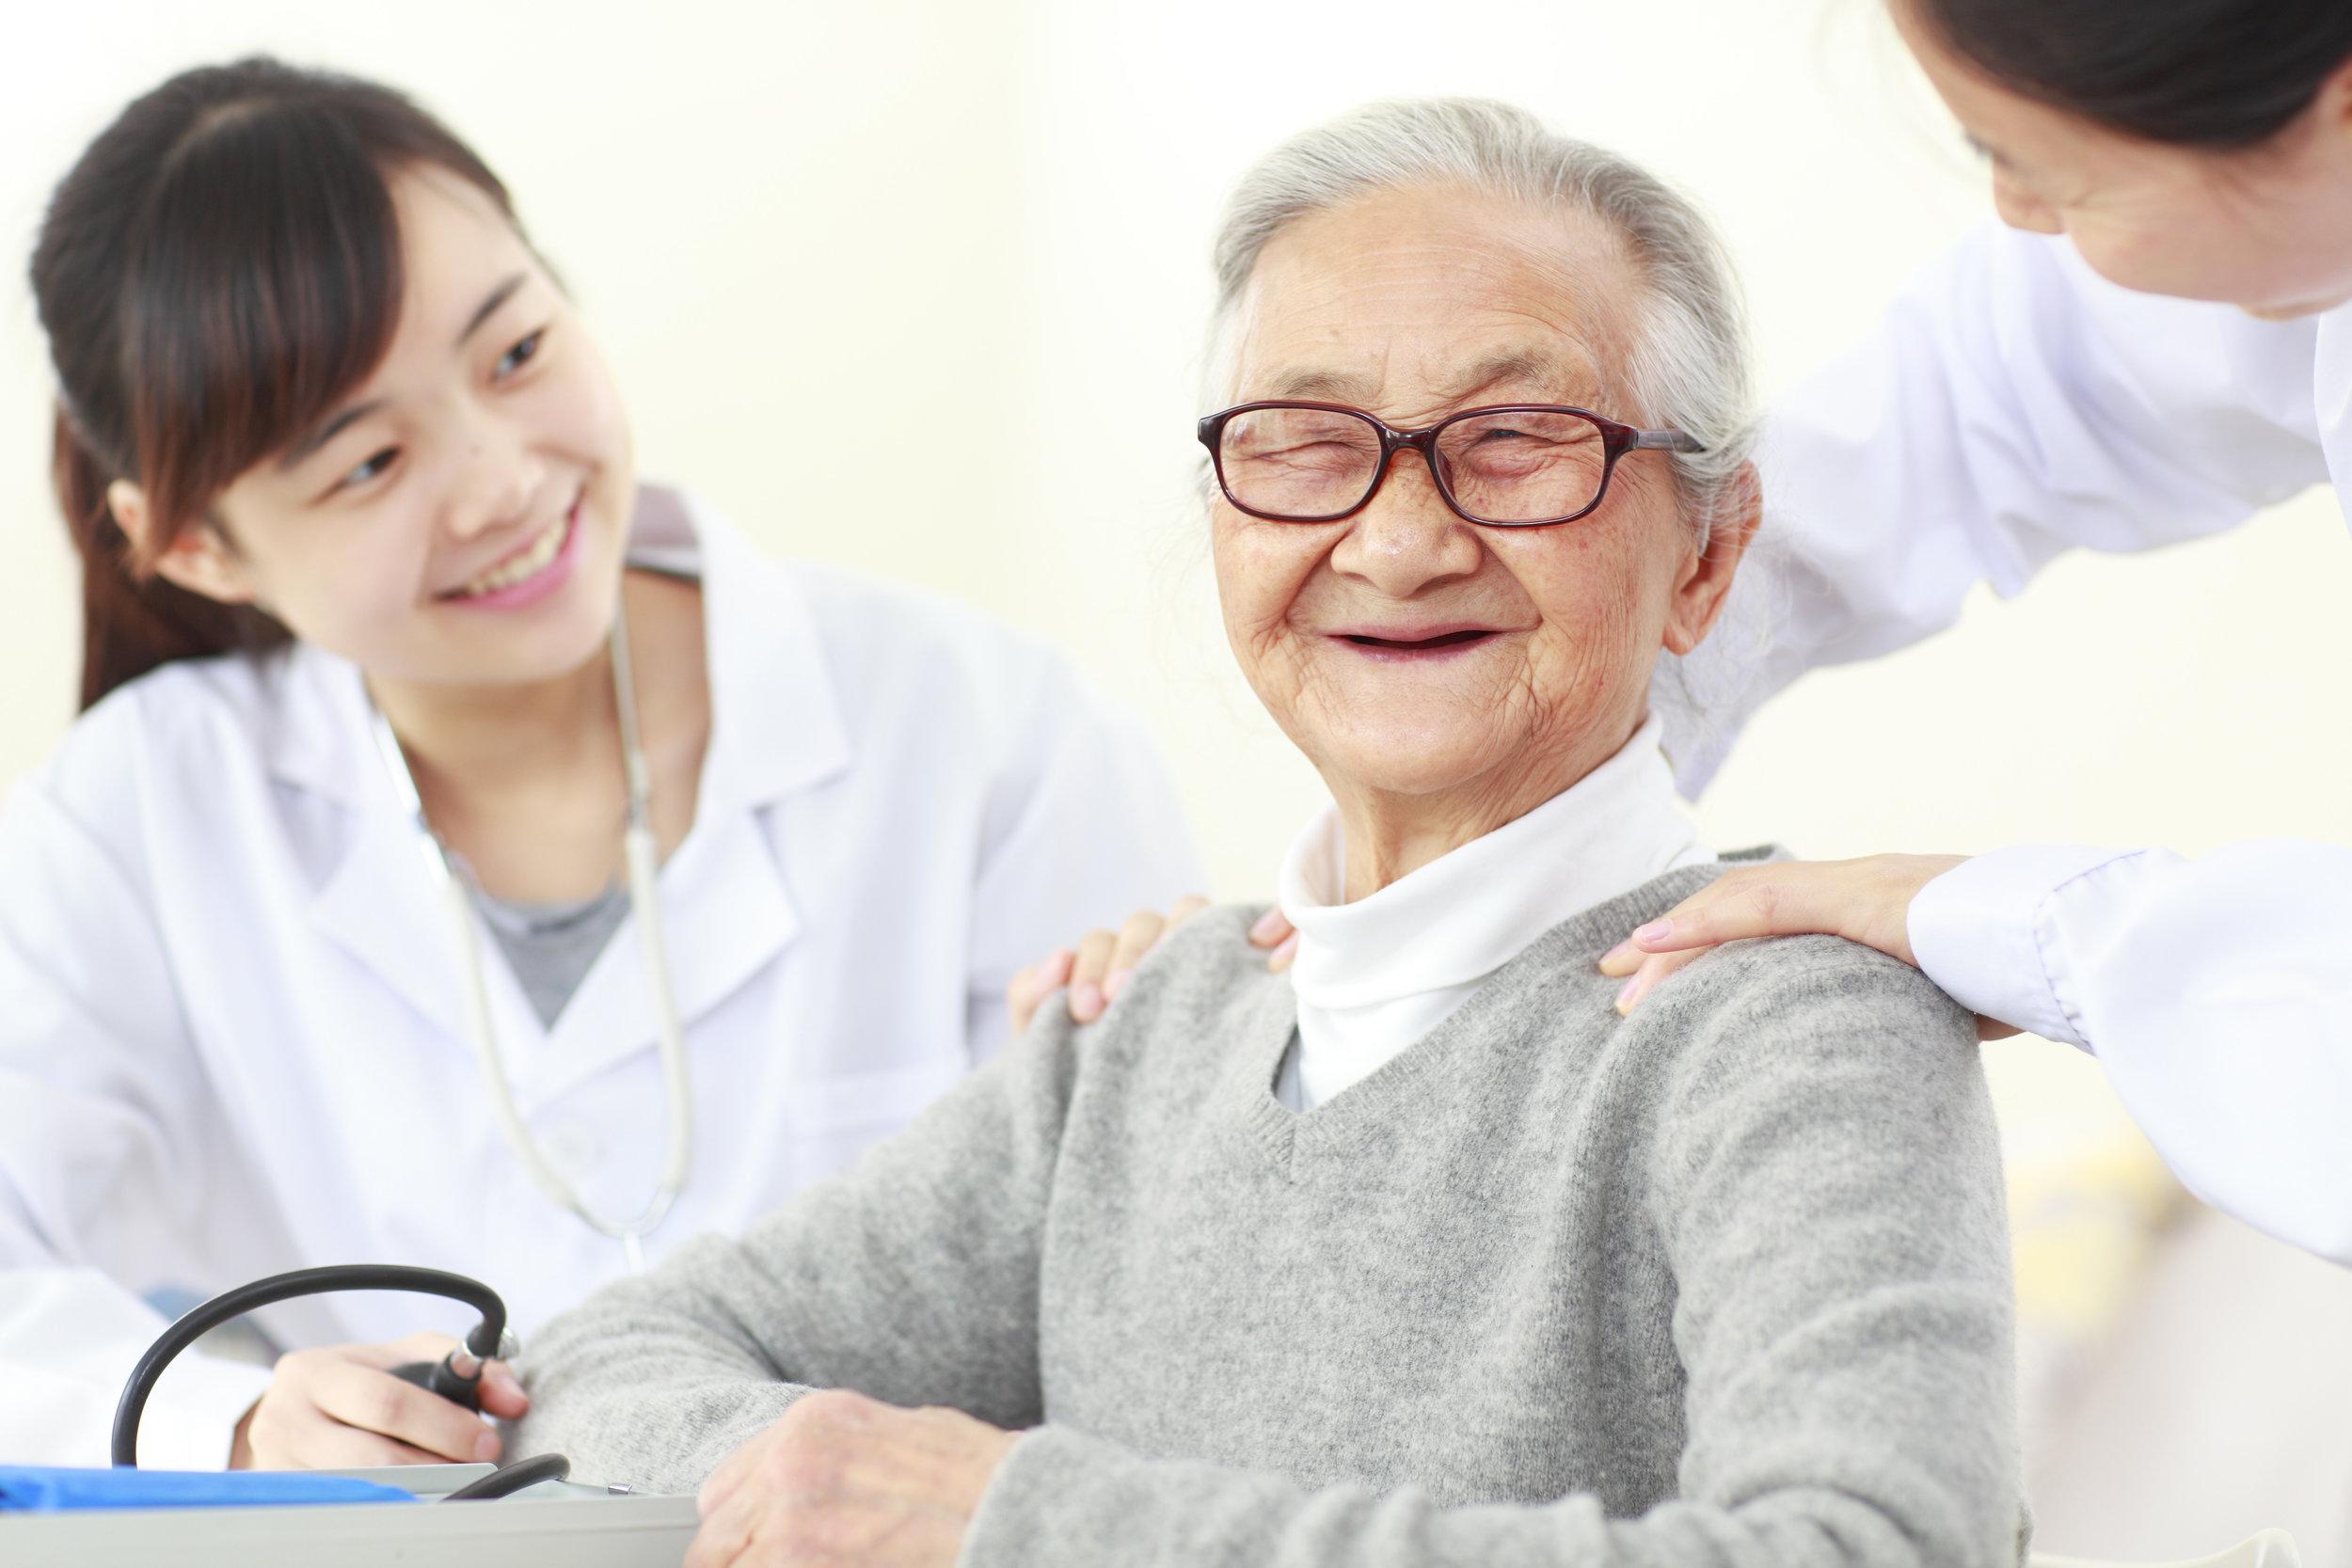 你的選擇 - 使用我們的在線目錄找到適合您的醫生...醫生搜索